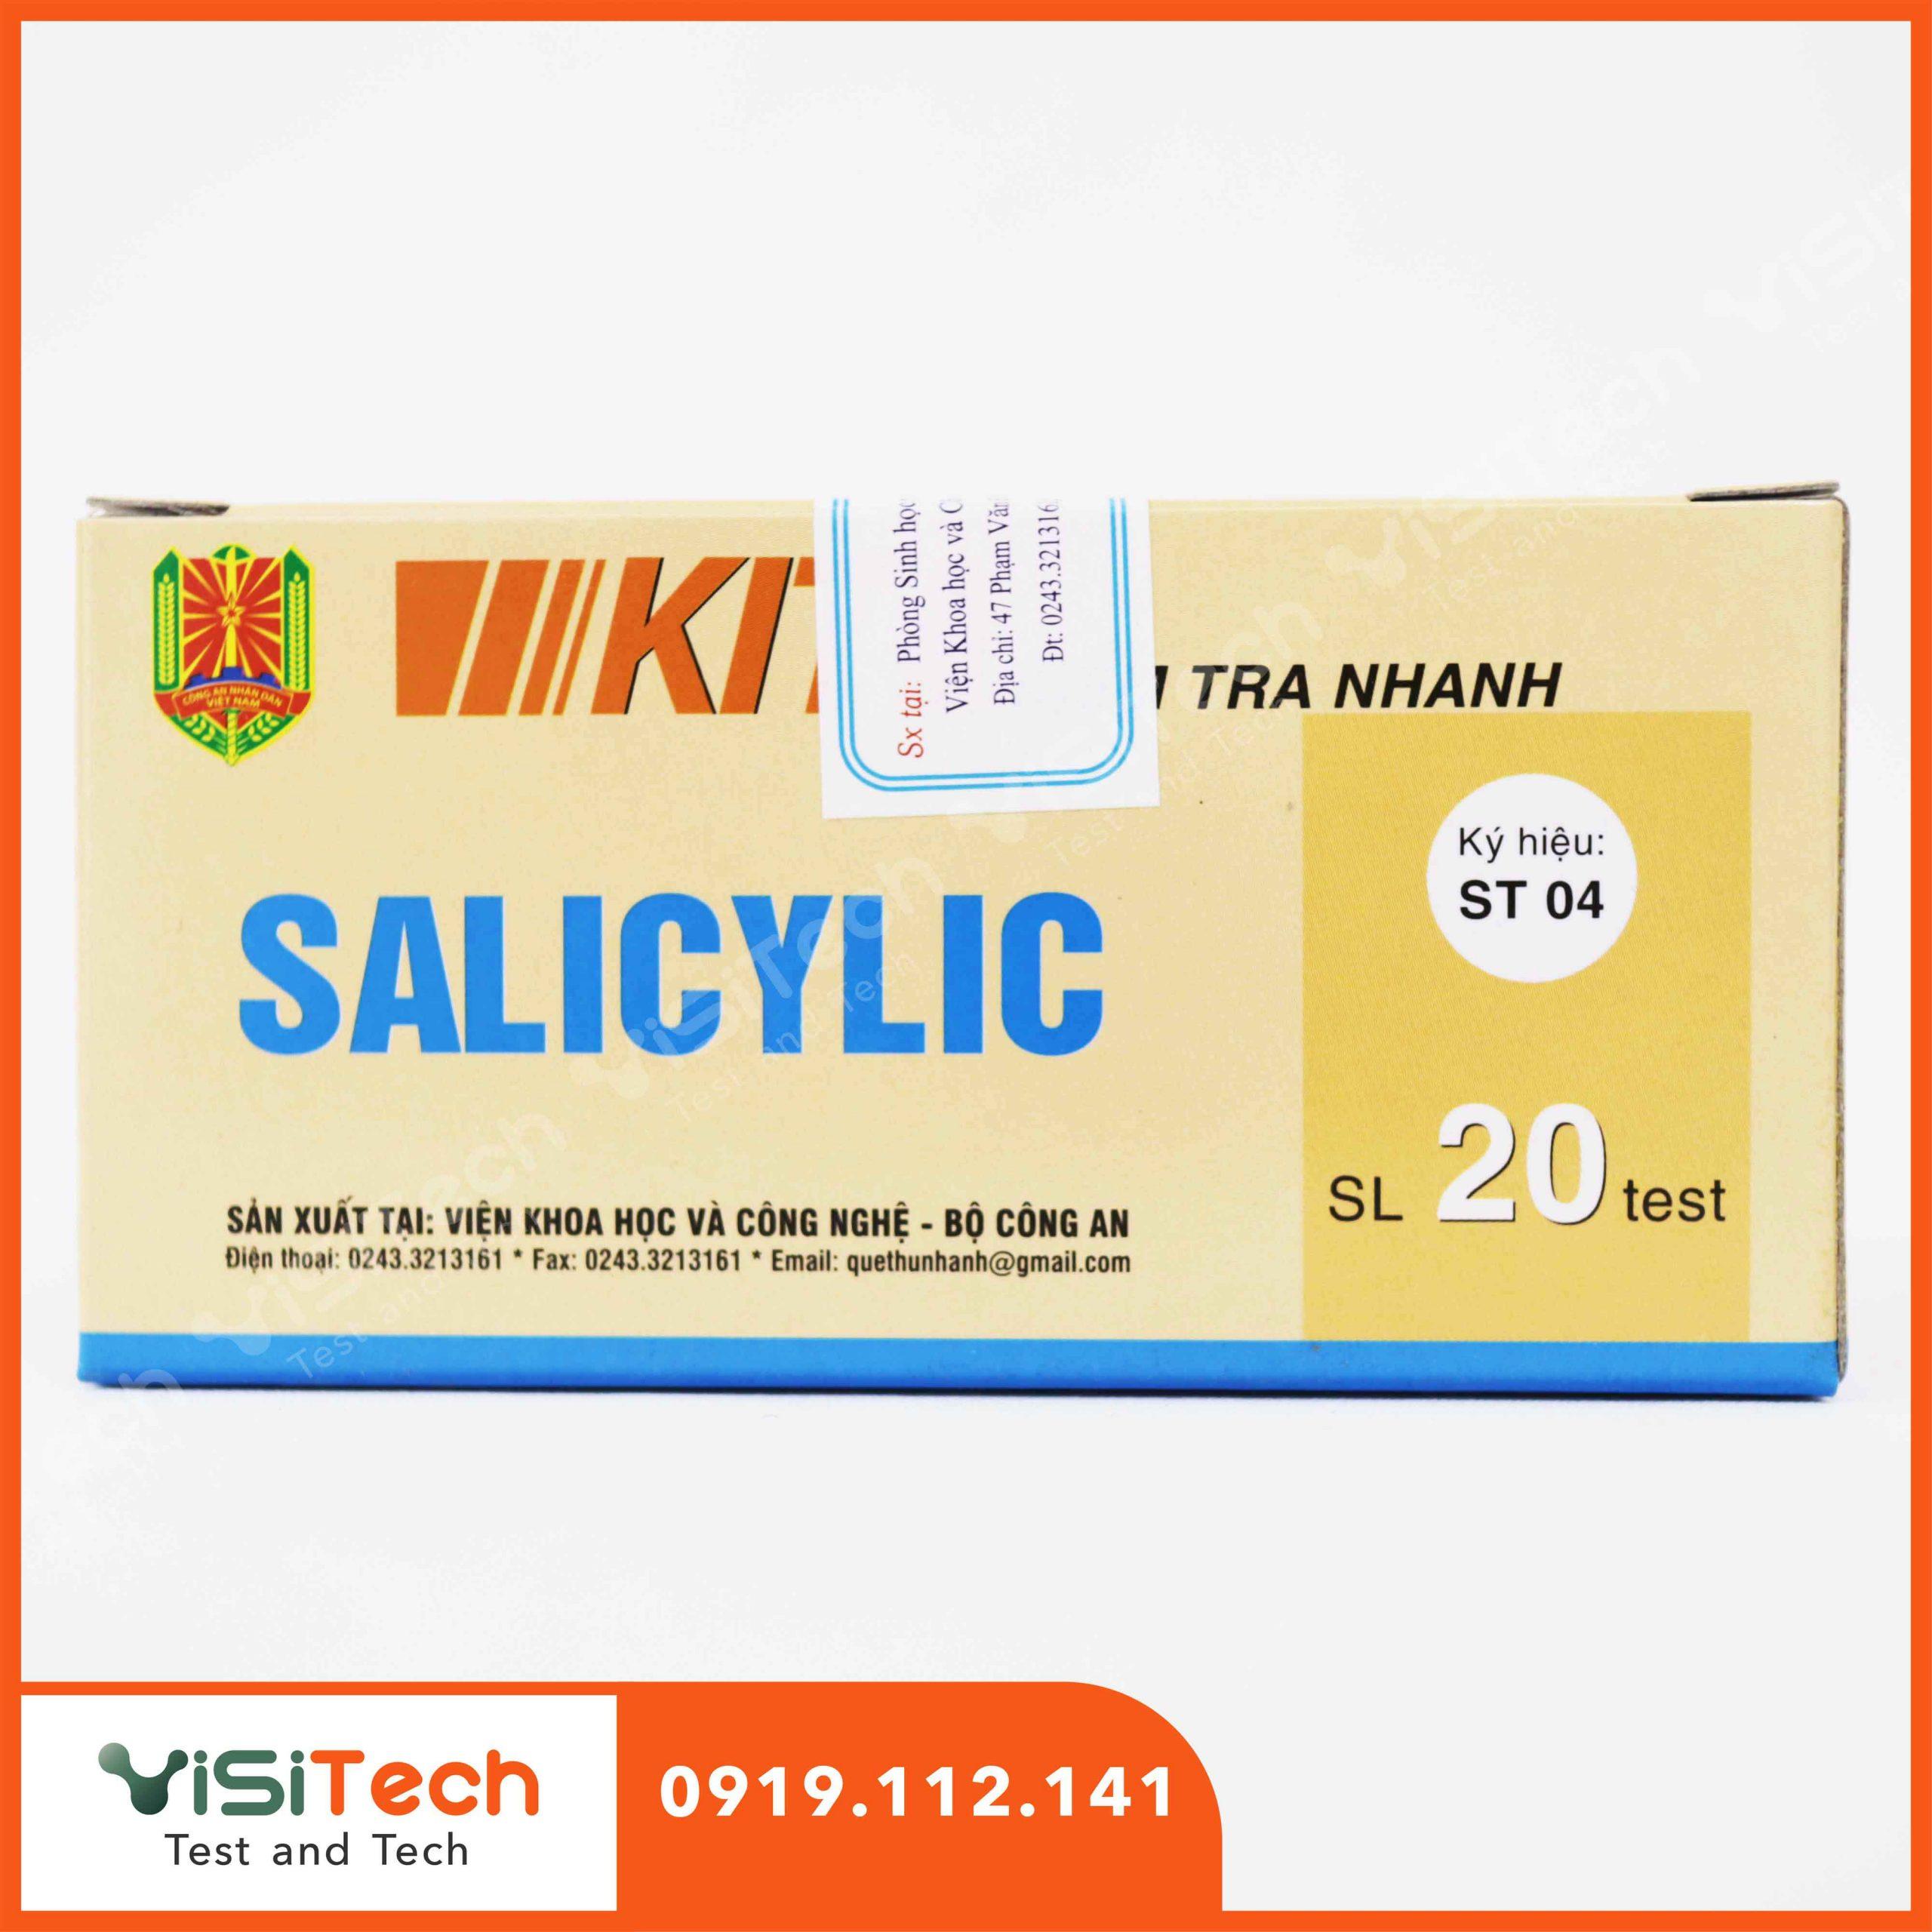 Test ST04 BCA giúp phát hiện nhanh chóng Salicilic có chứa trong các loại thực phẩm ngâm